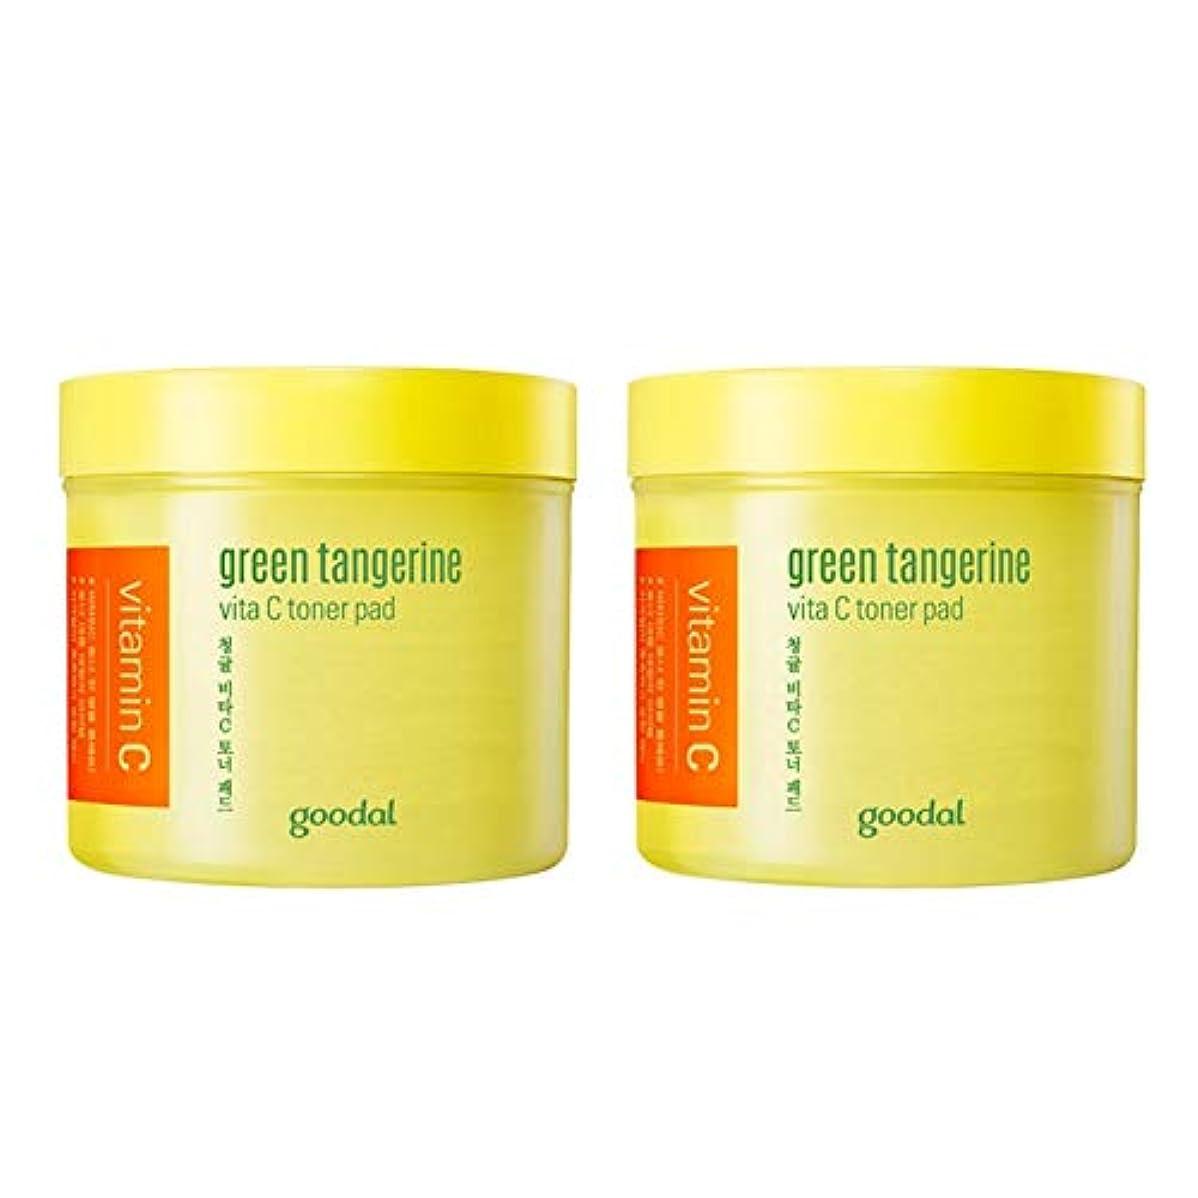 マグオーストラリア四グドール青みかんヴィータCトナーパッド70px2本セット質除去、水分供給 韓国コスメ 、Goodal Green Tangerine Vita C Toner Pad 70p x 2ea Set Korean Cosmetics...